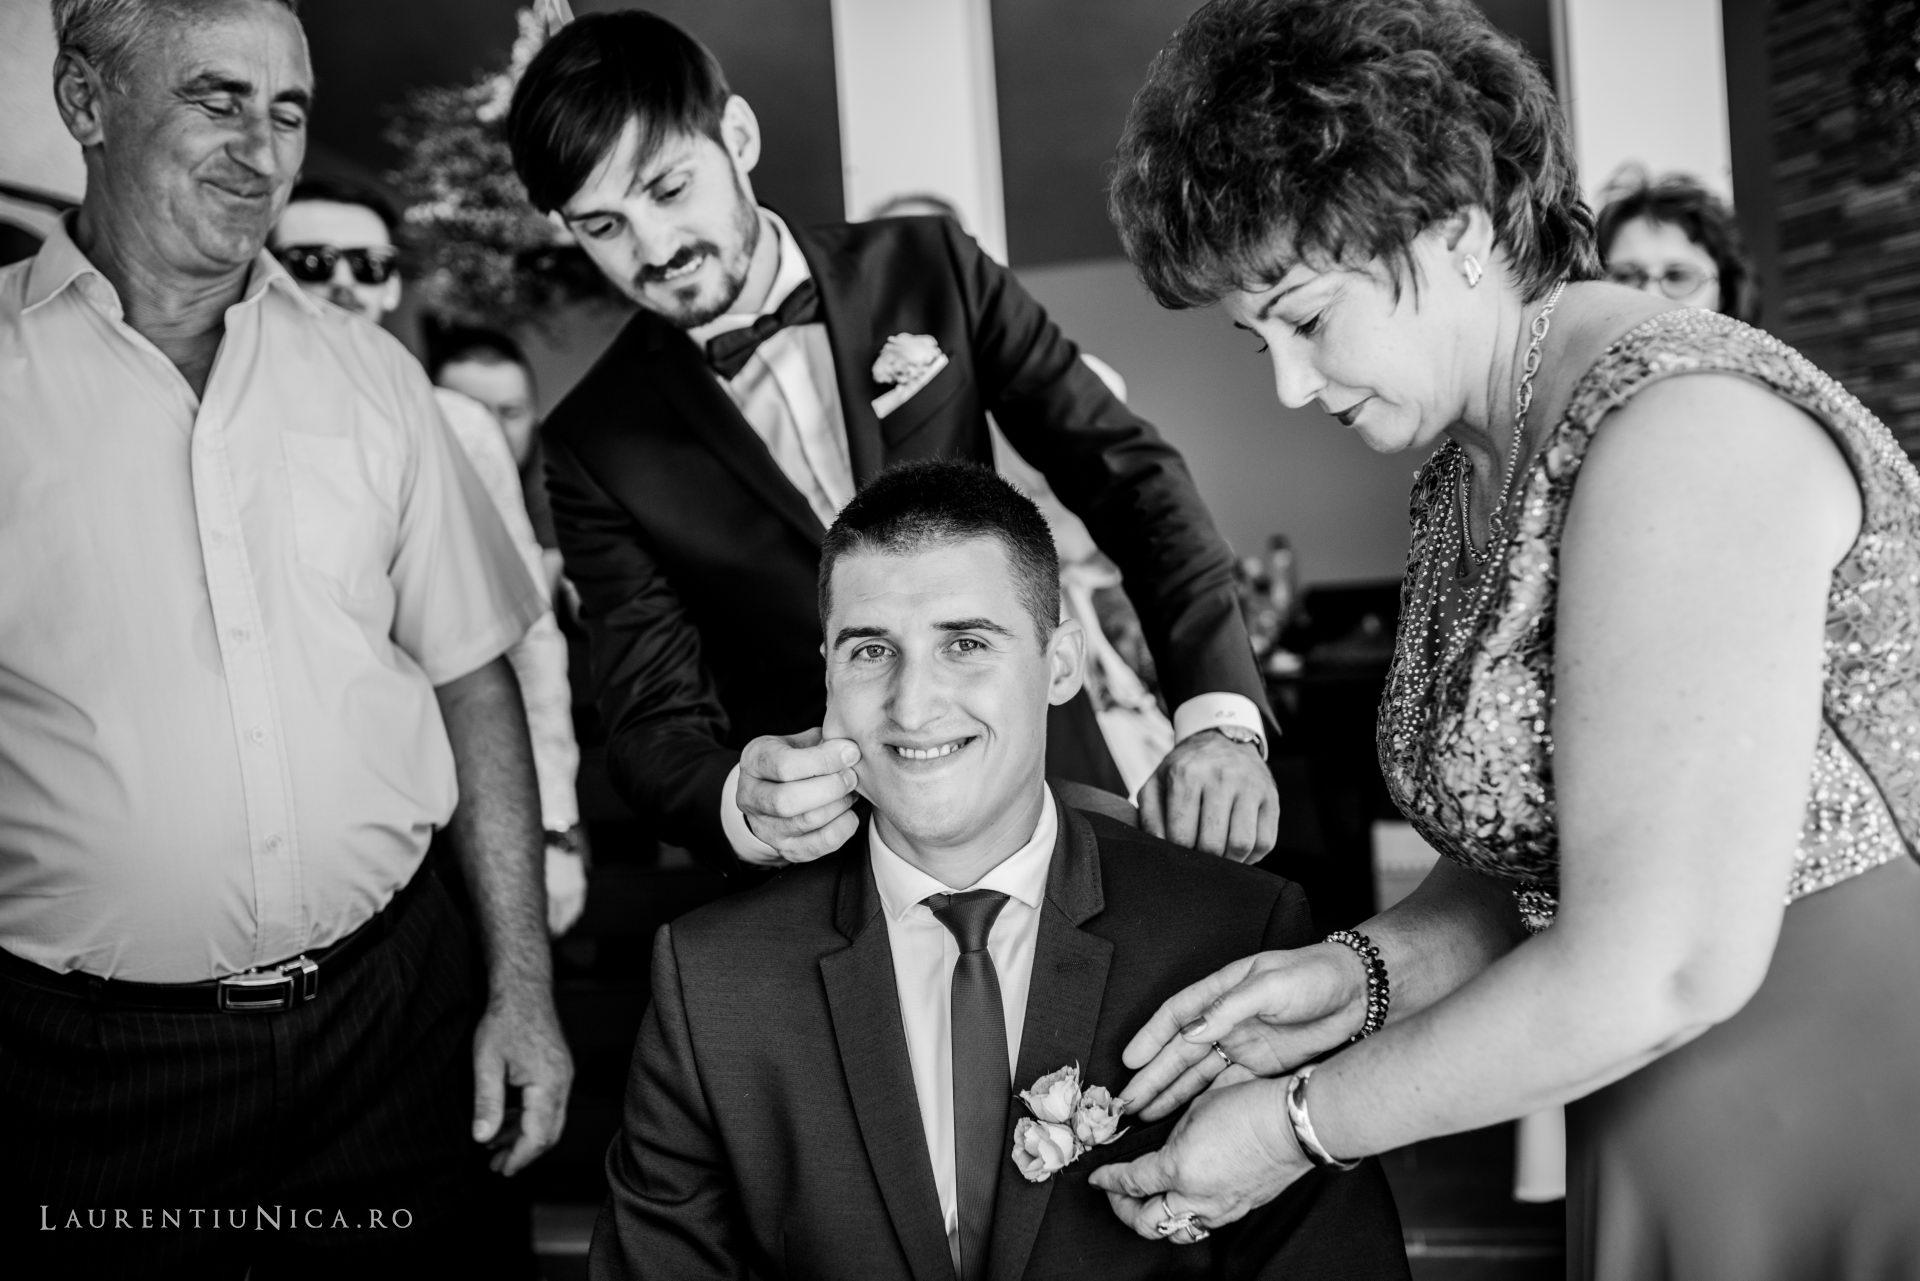 Cristina si Ovidiu nunta Craiova fotograf laurentiu nica 056 - Cristina & Ovidiu | Fotografii nunta | Craiova